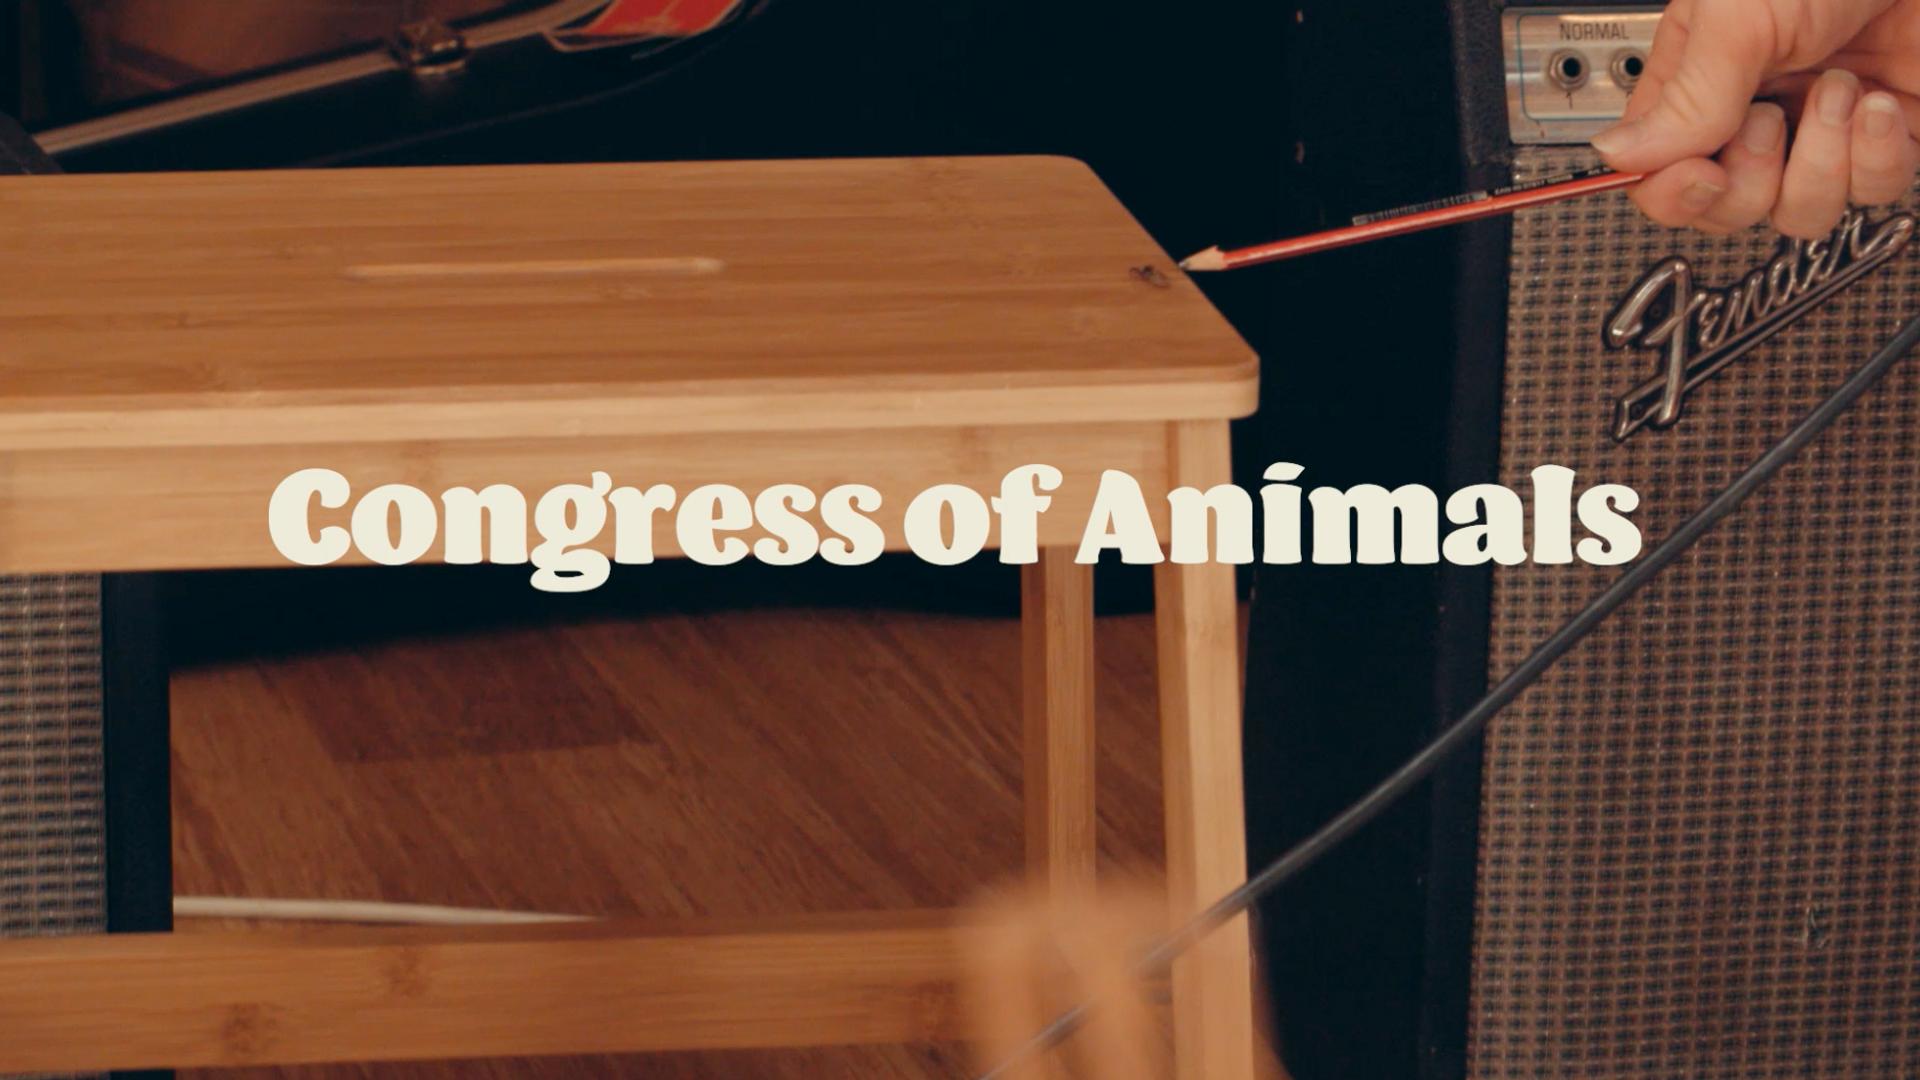 Congress of Animals spidey